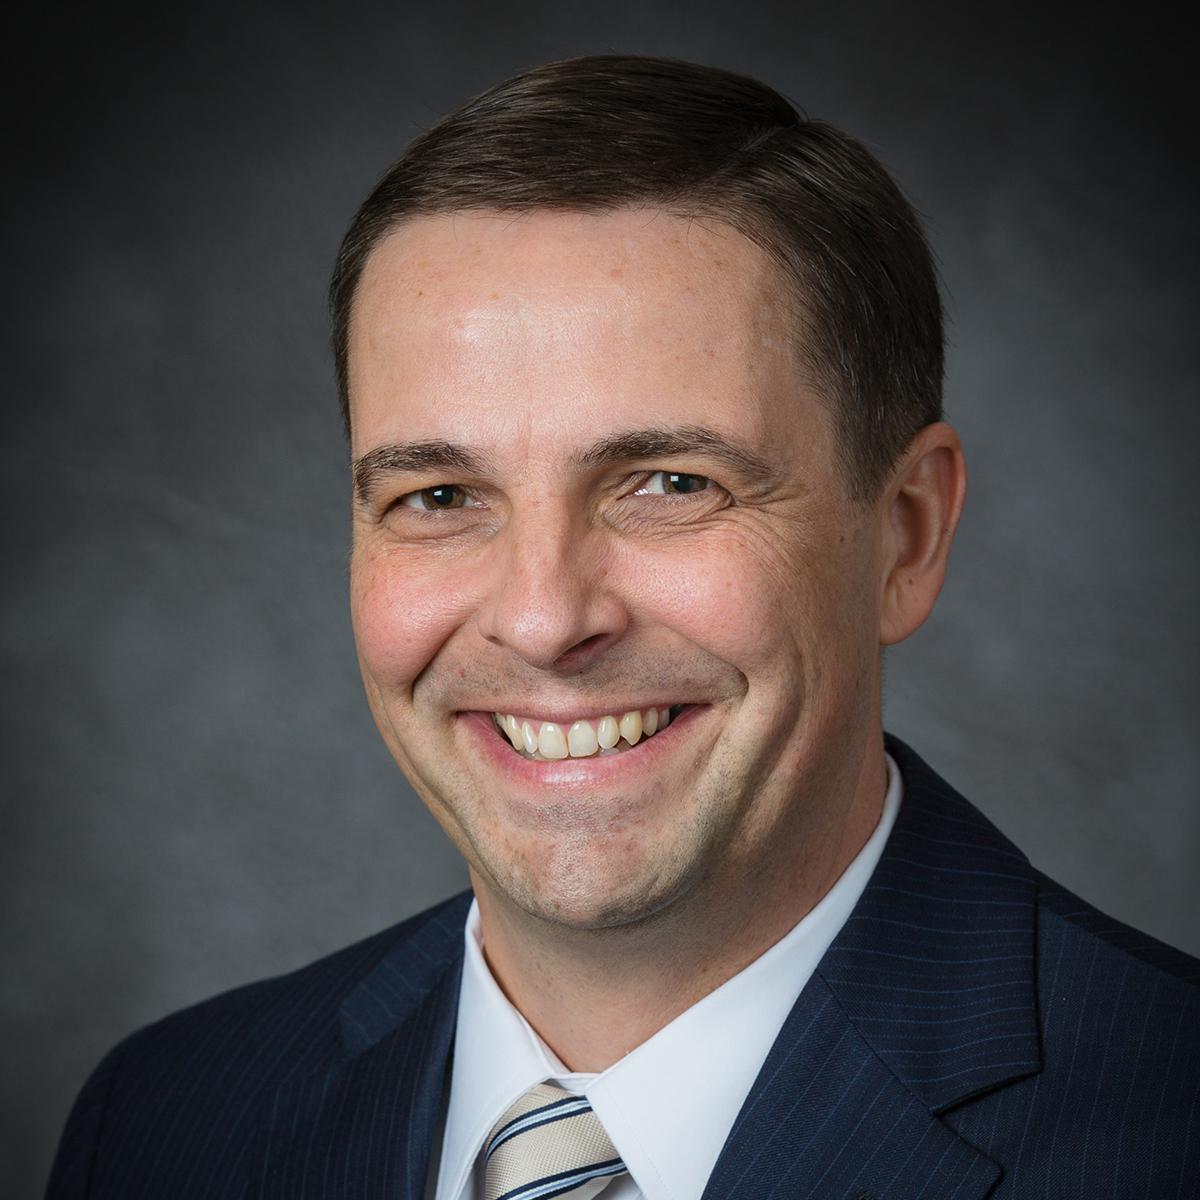 Elder Axel H. Leimer